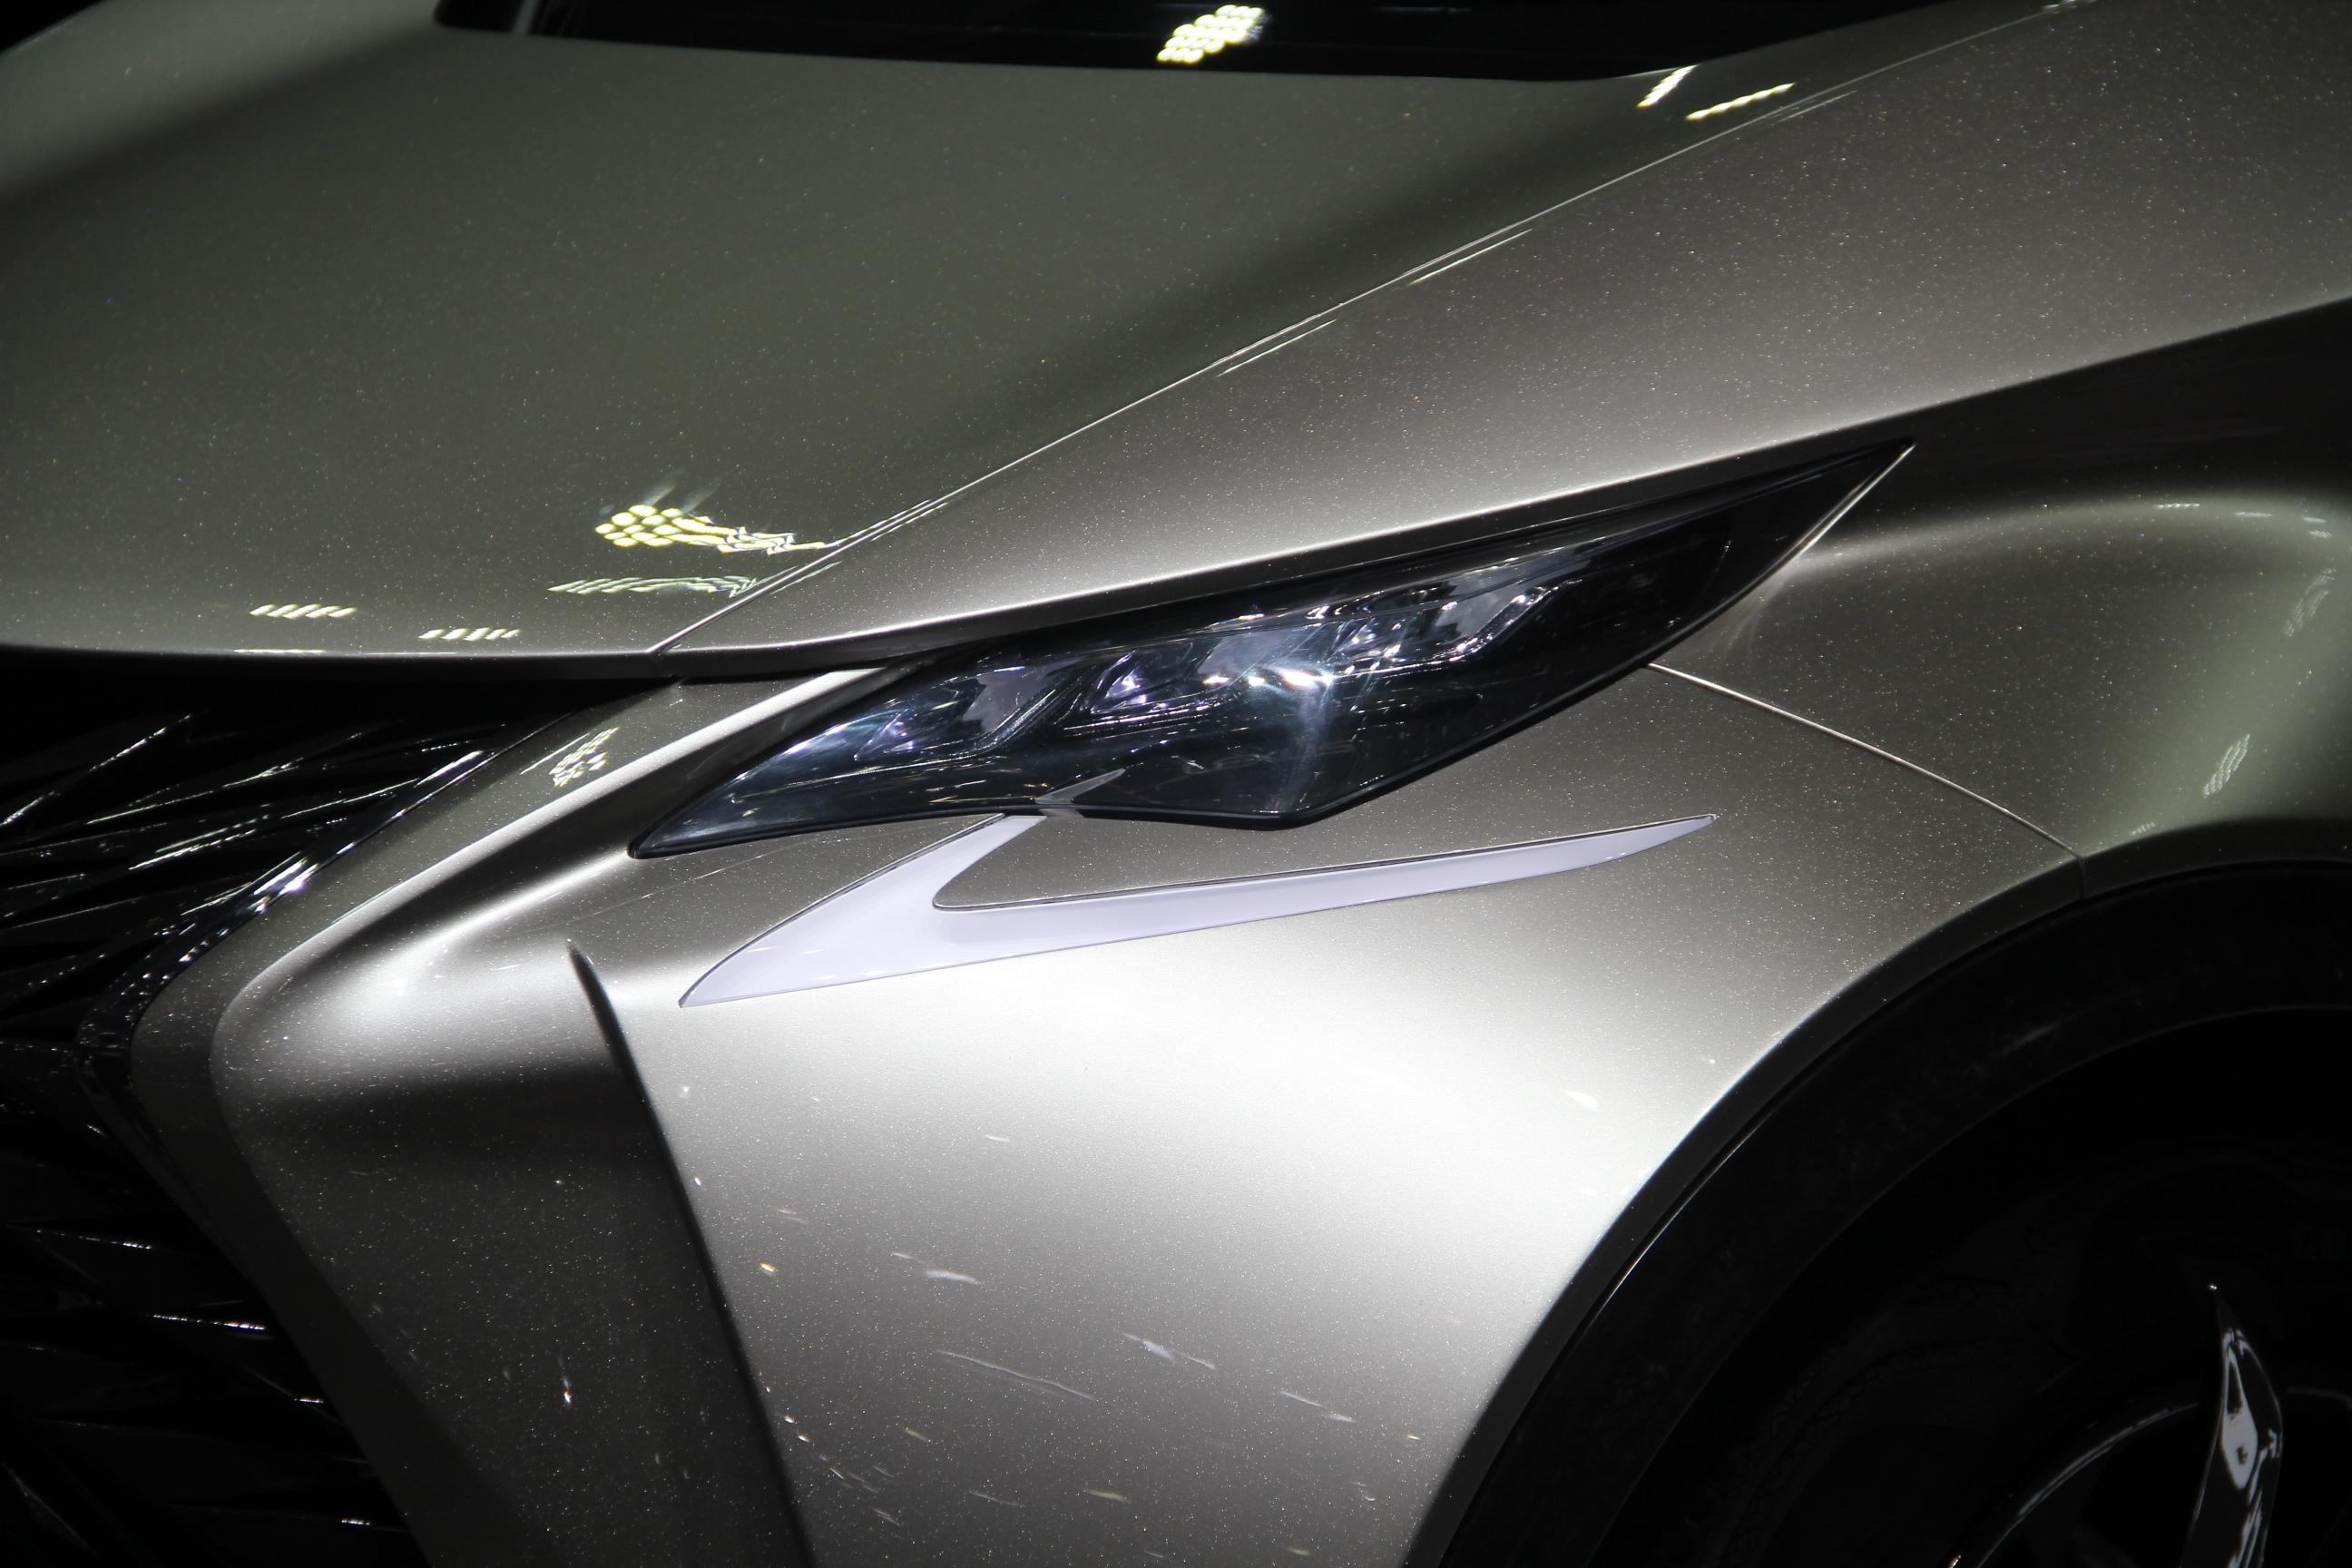 S0-Lexus-LF-SA-Concept-nouveaux-horizons-En-direct-du-salon-de-Geneve-2015-347823.jpg